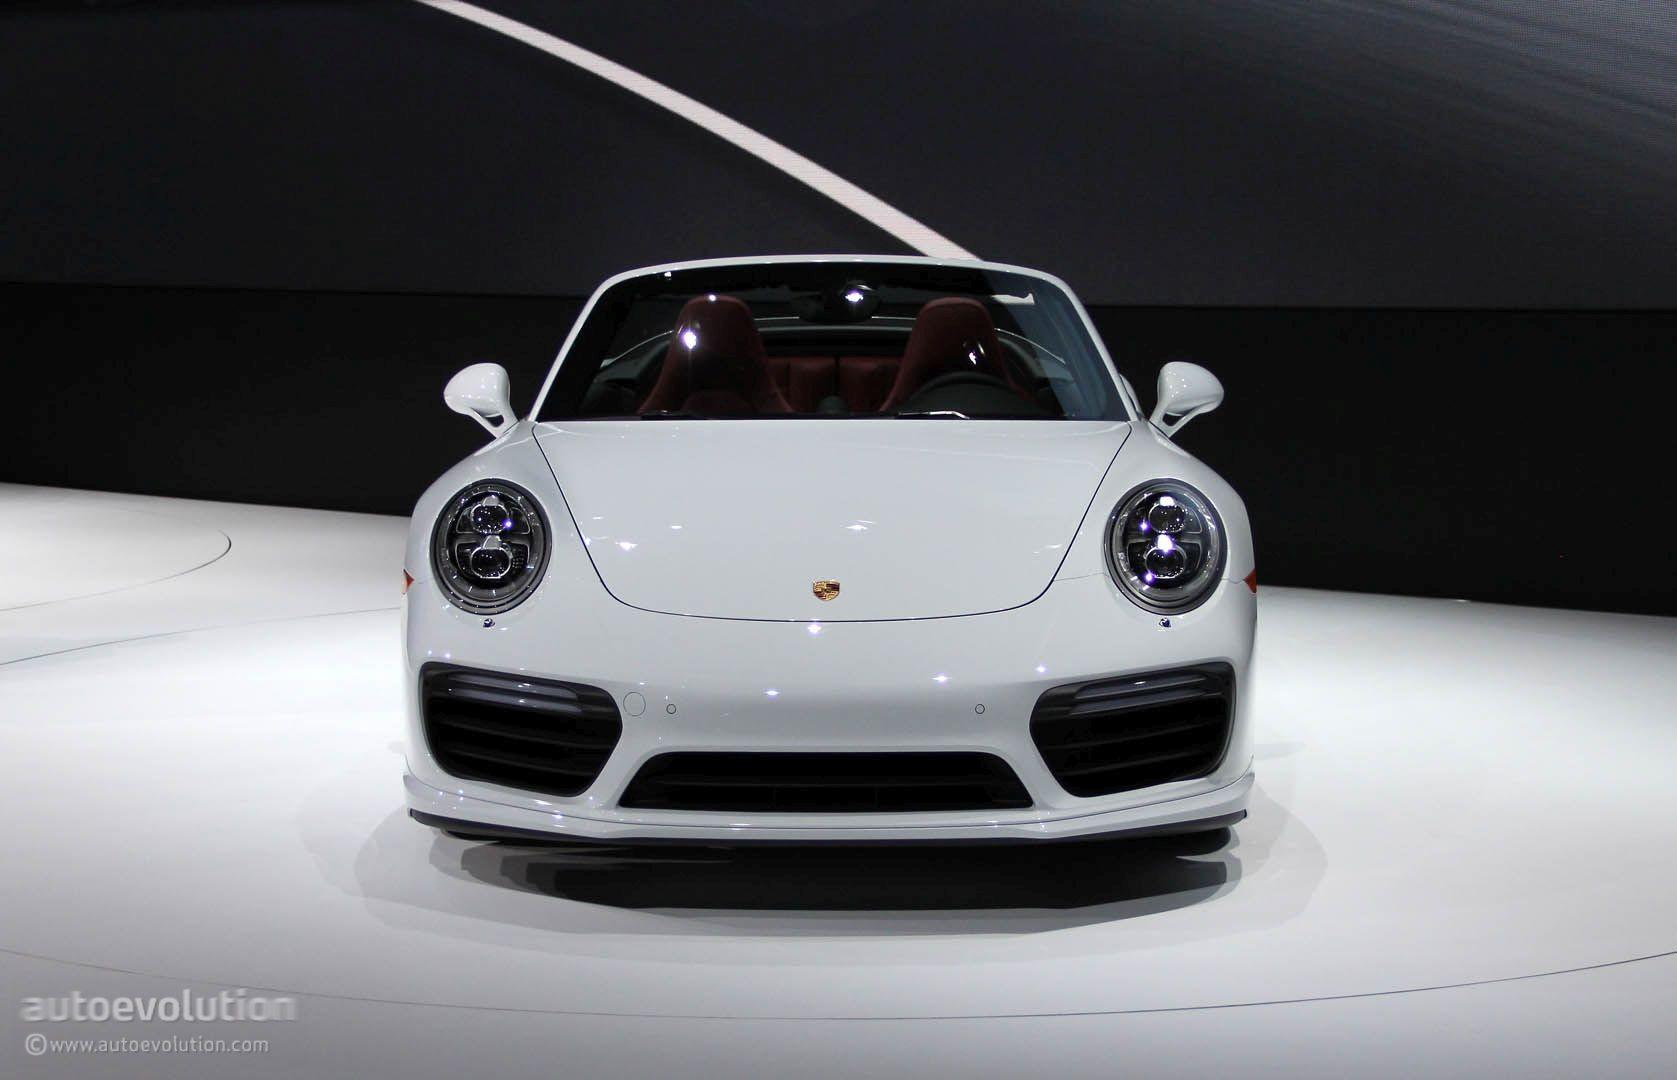 2017 Porsche 911 Turbo Turbo S Bring Their Anti Lag Tech